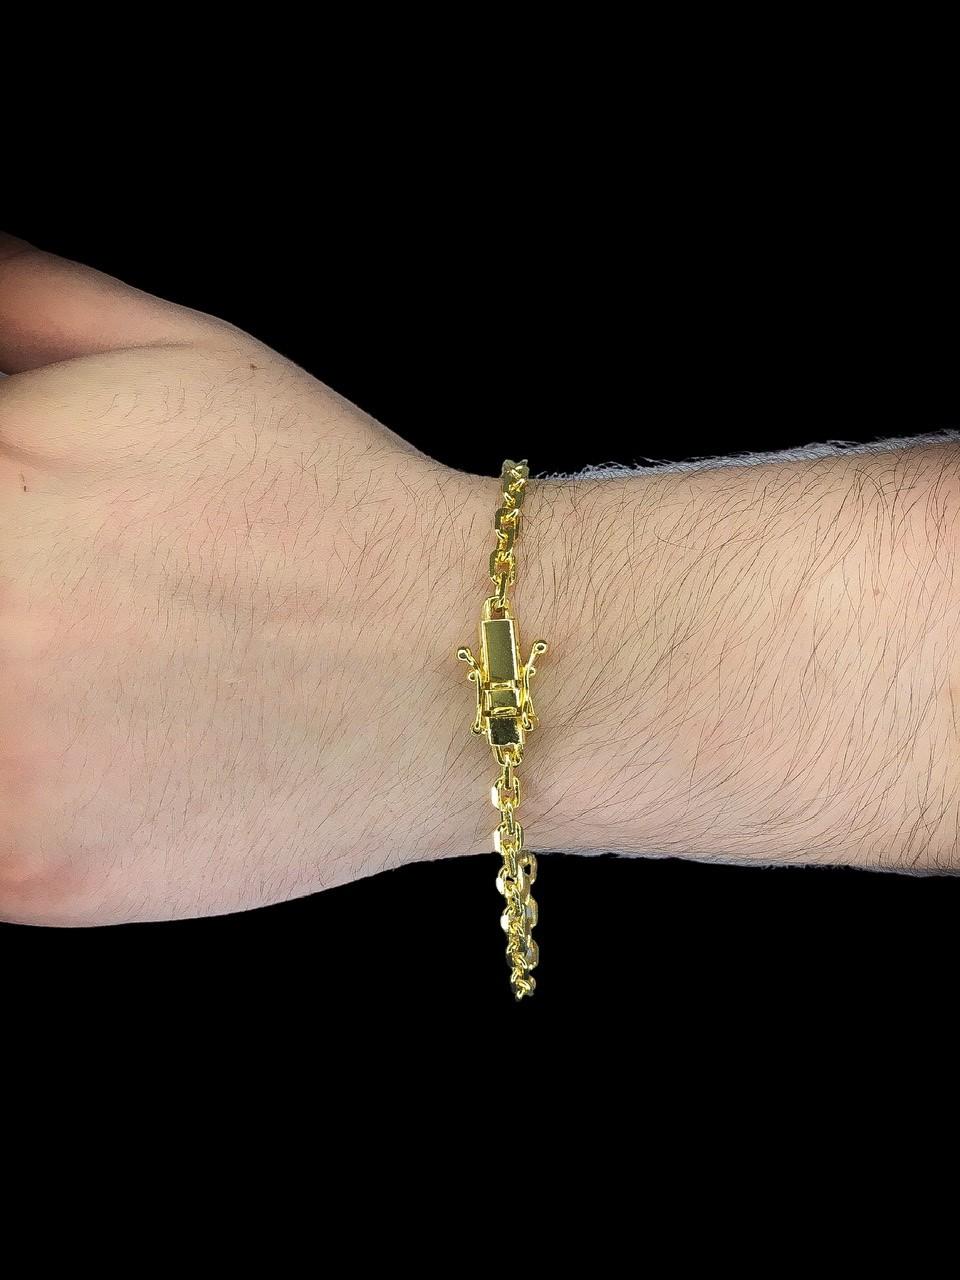 Pulseira Cartie -  3 milímetros - 22 Centímetros - fecho Gaveta trava dupla  - Banhado a ouro 18 k